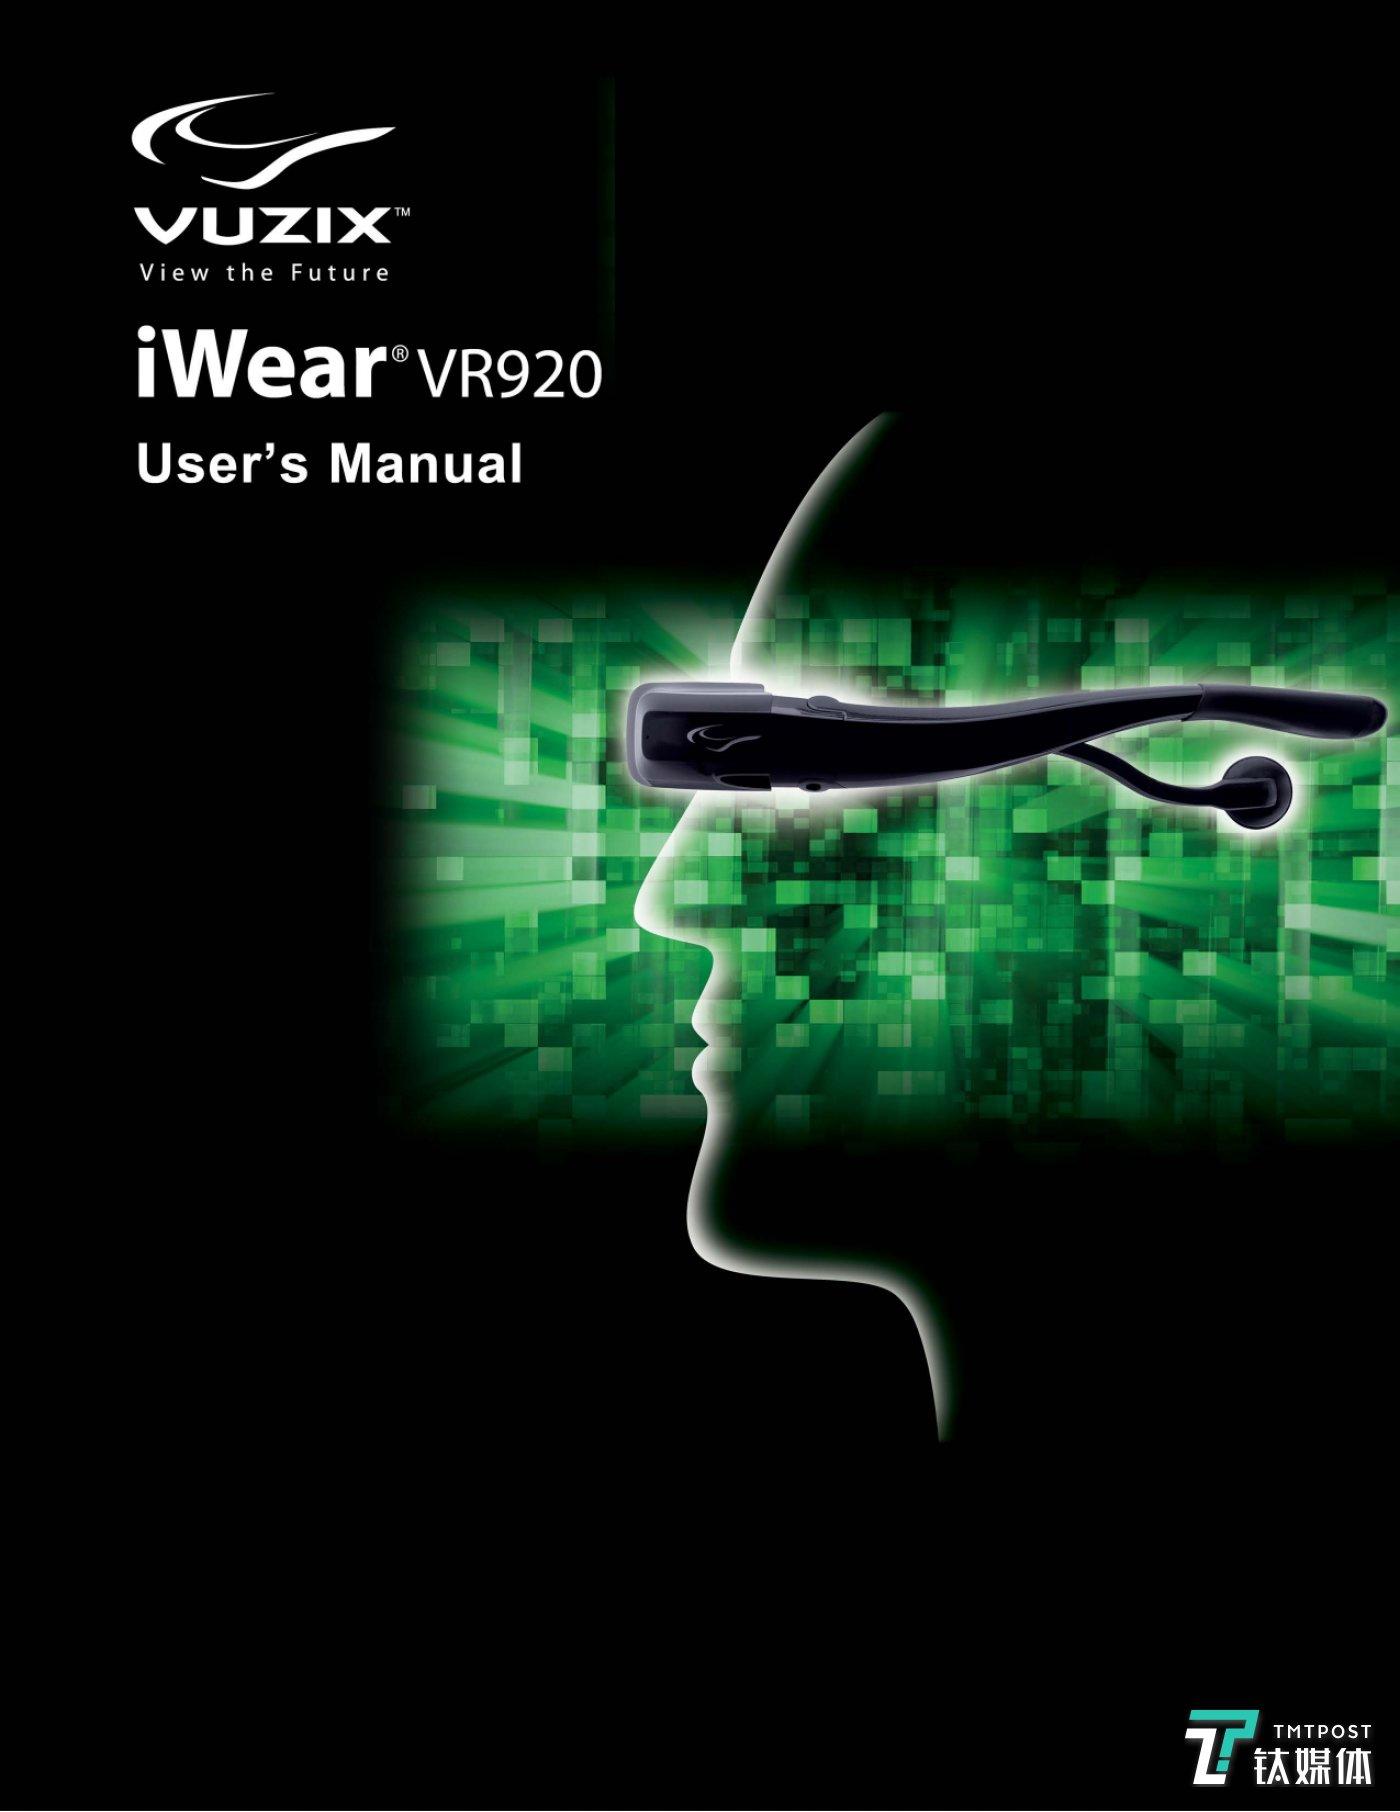 VR920的镜片仅仅支持640X480的分辨率